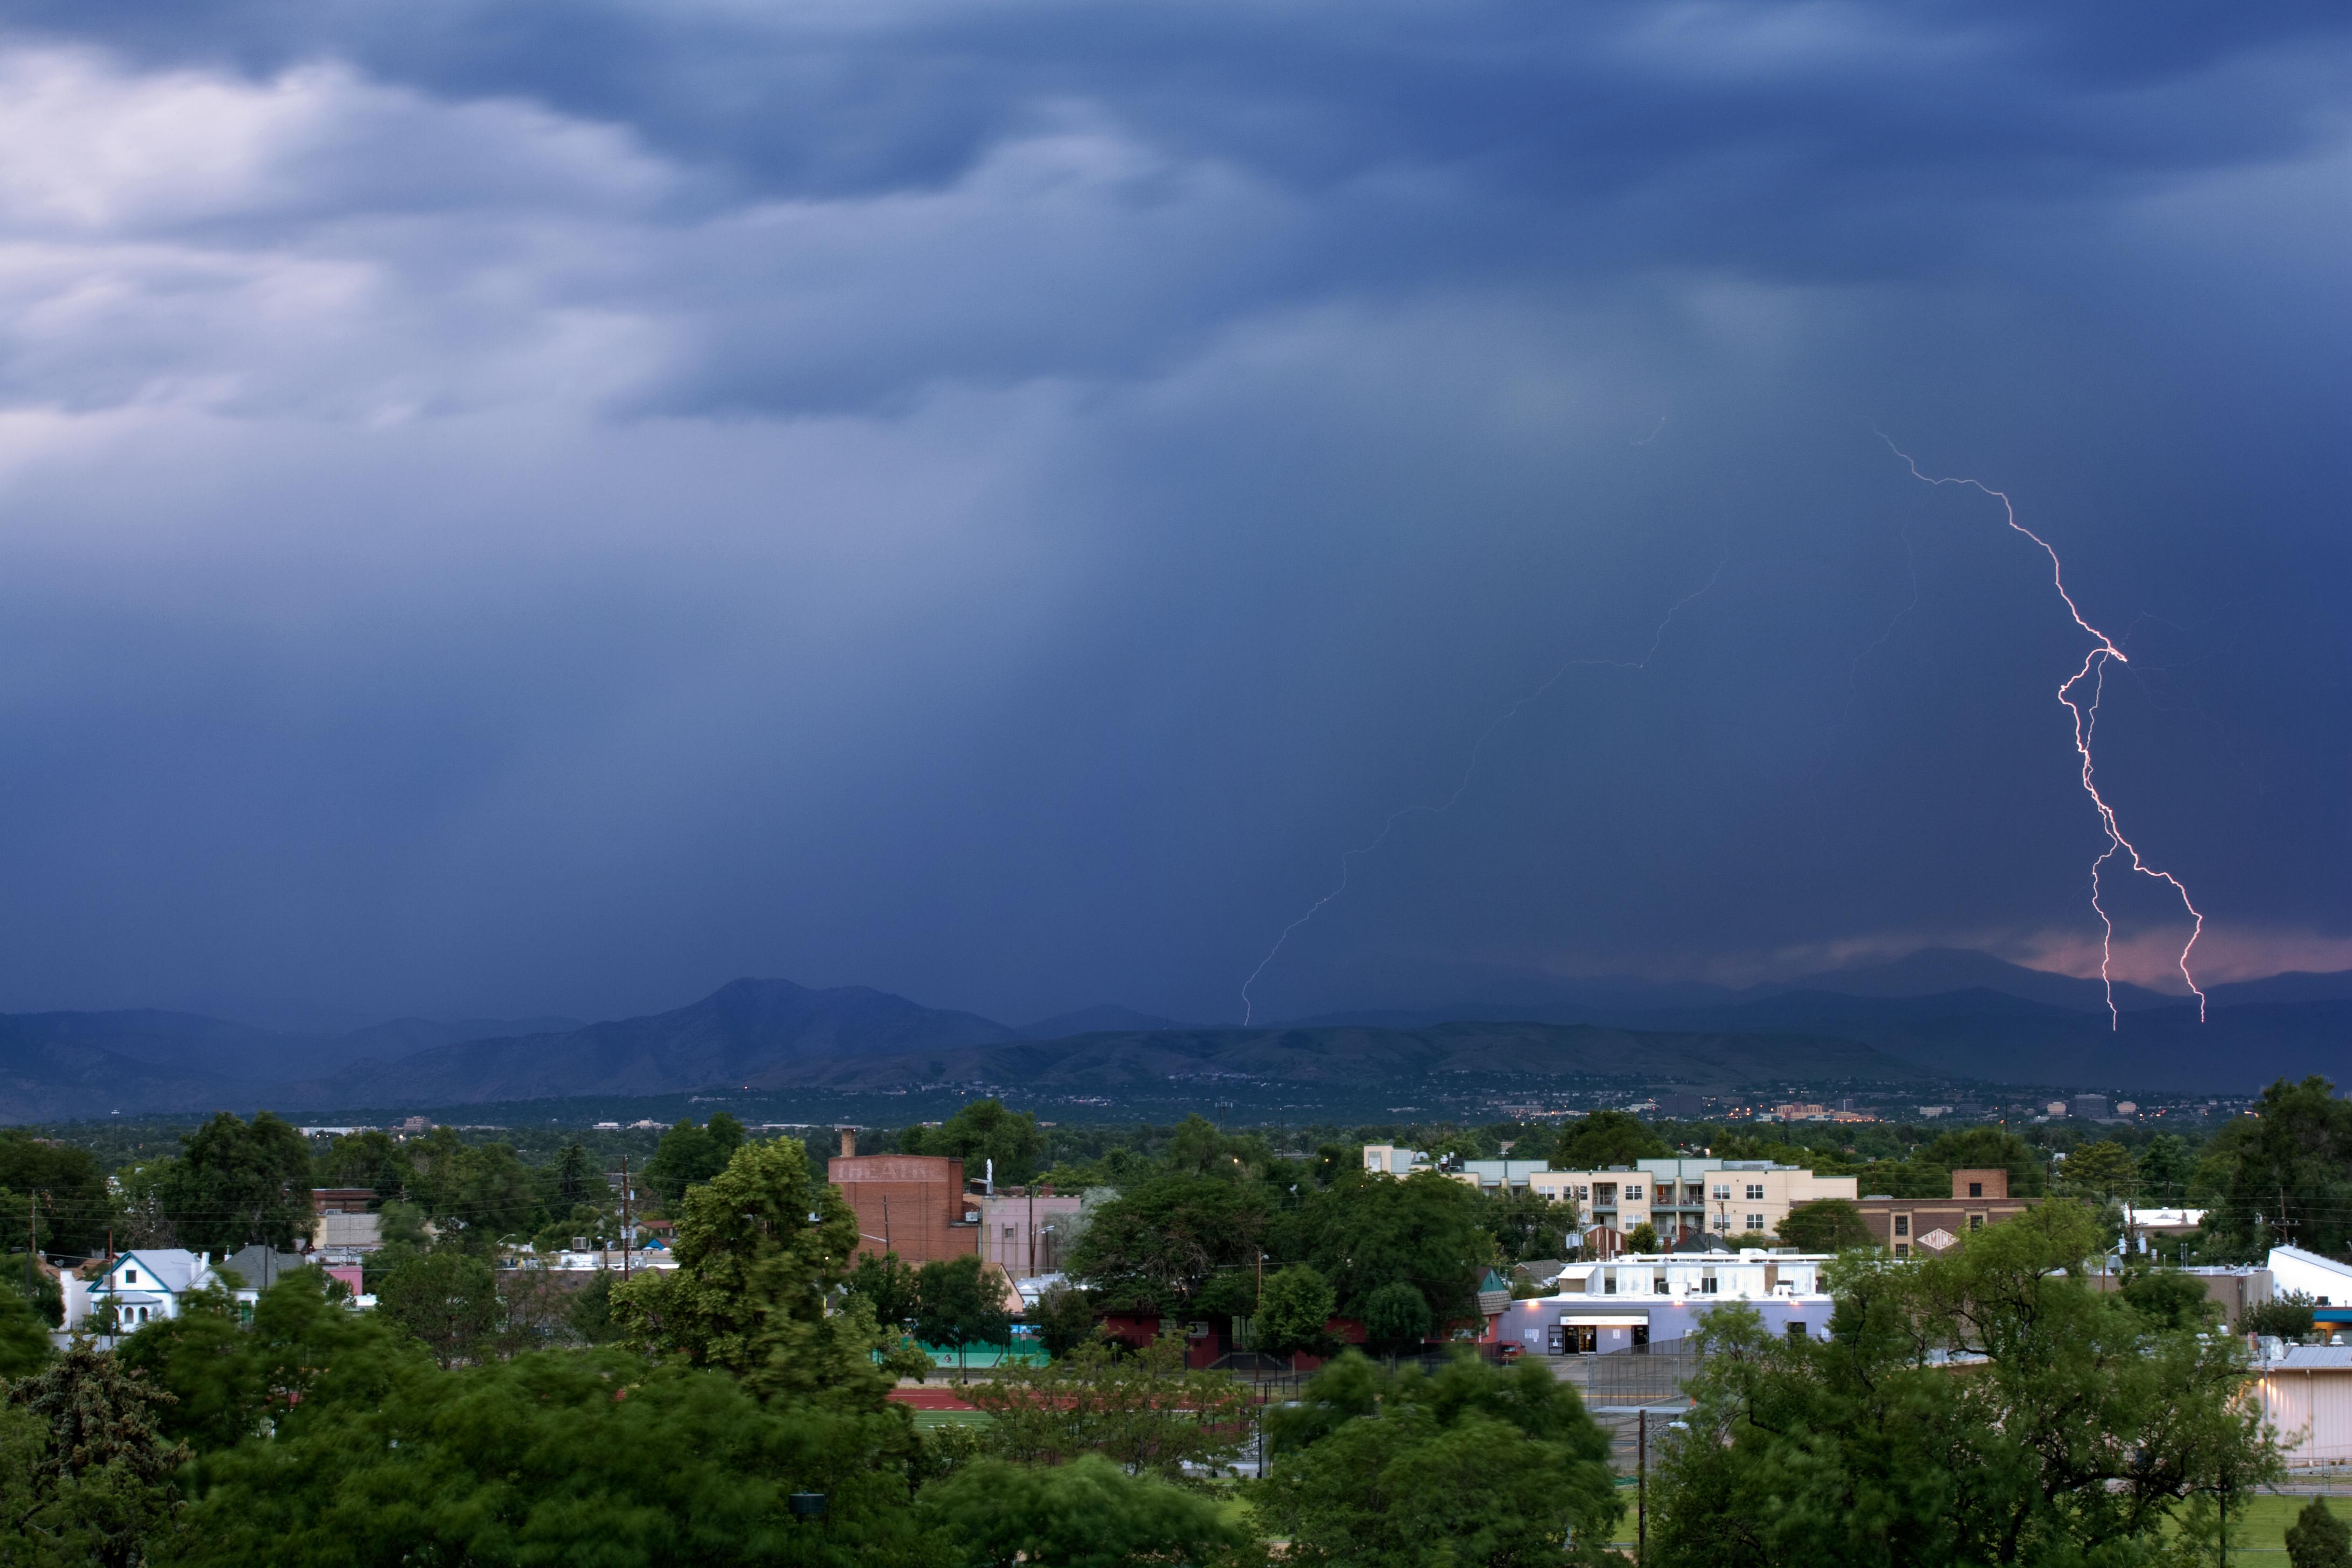 Mount Evans obscured with lightning - June 30, 2011